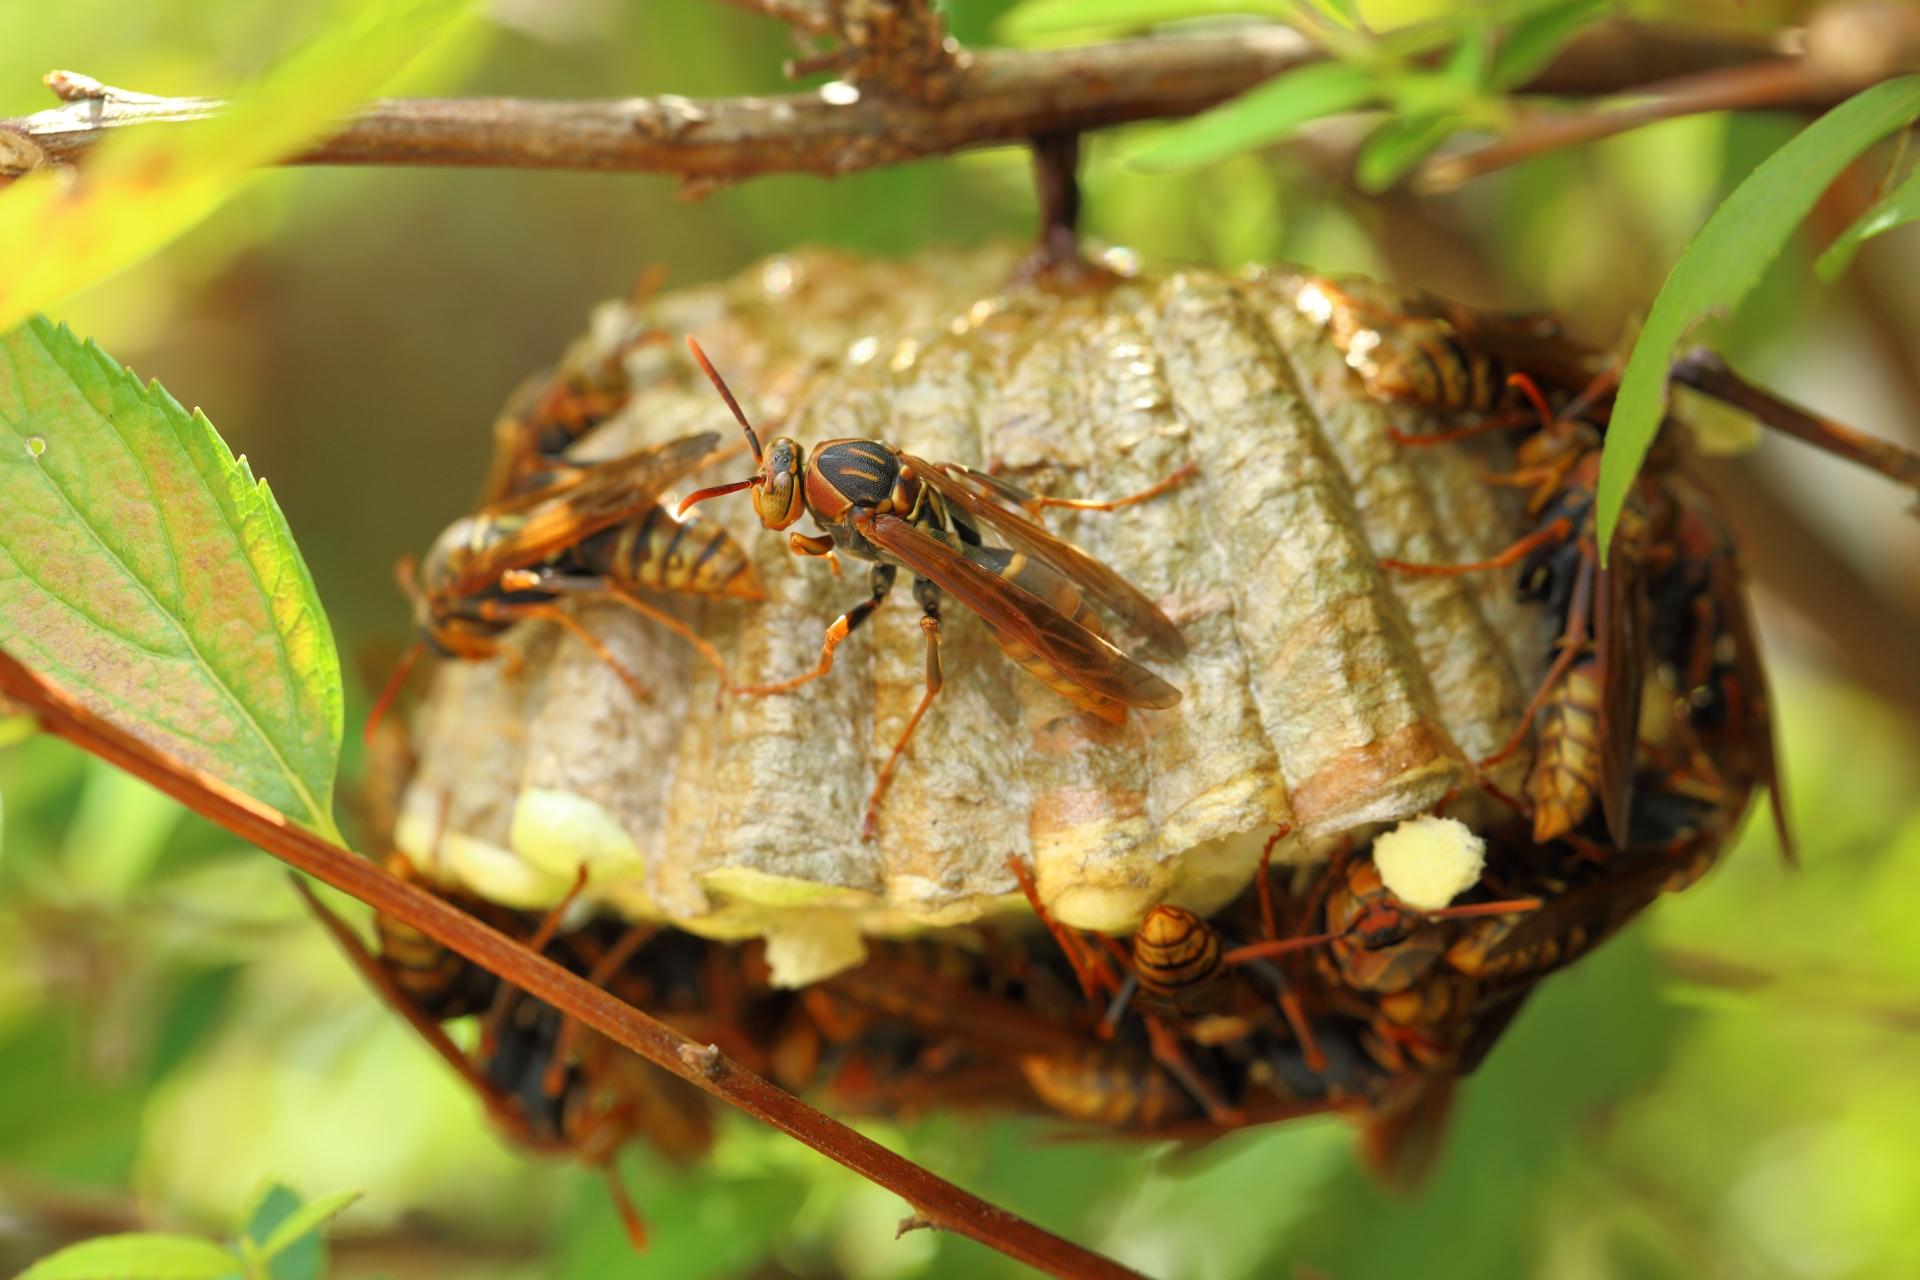 蜂に刺される夢が吉夢になるパターン